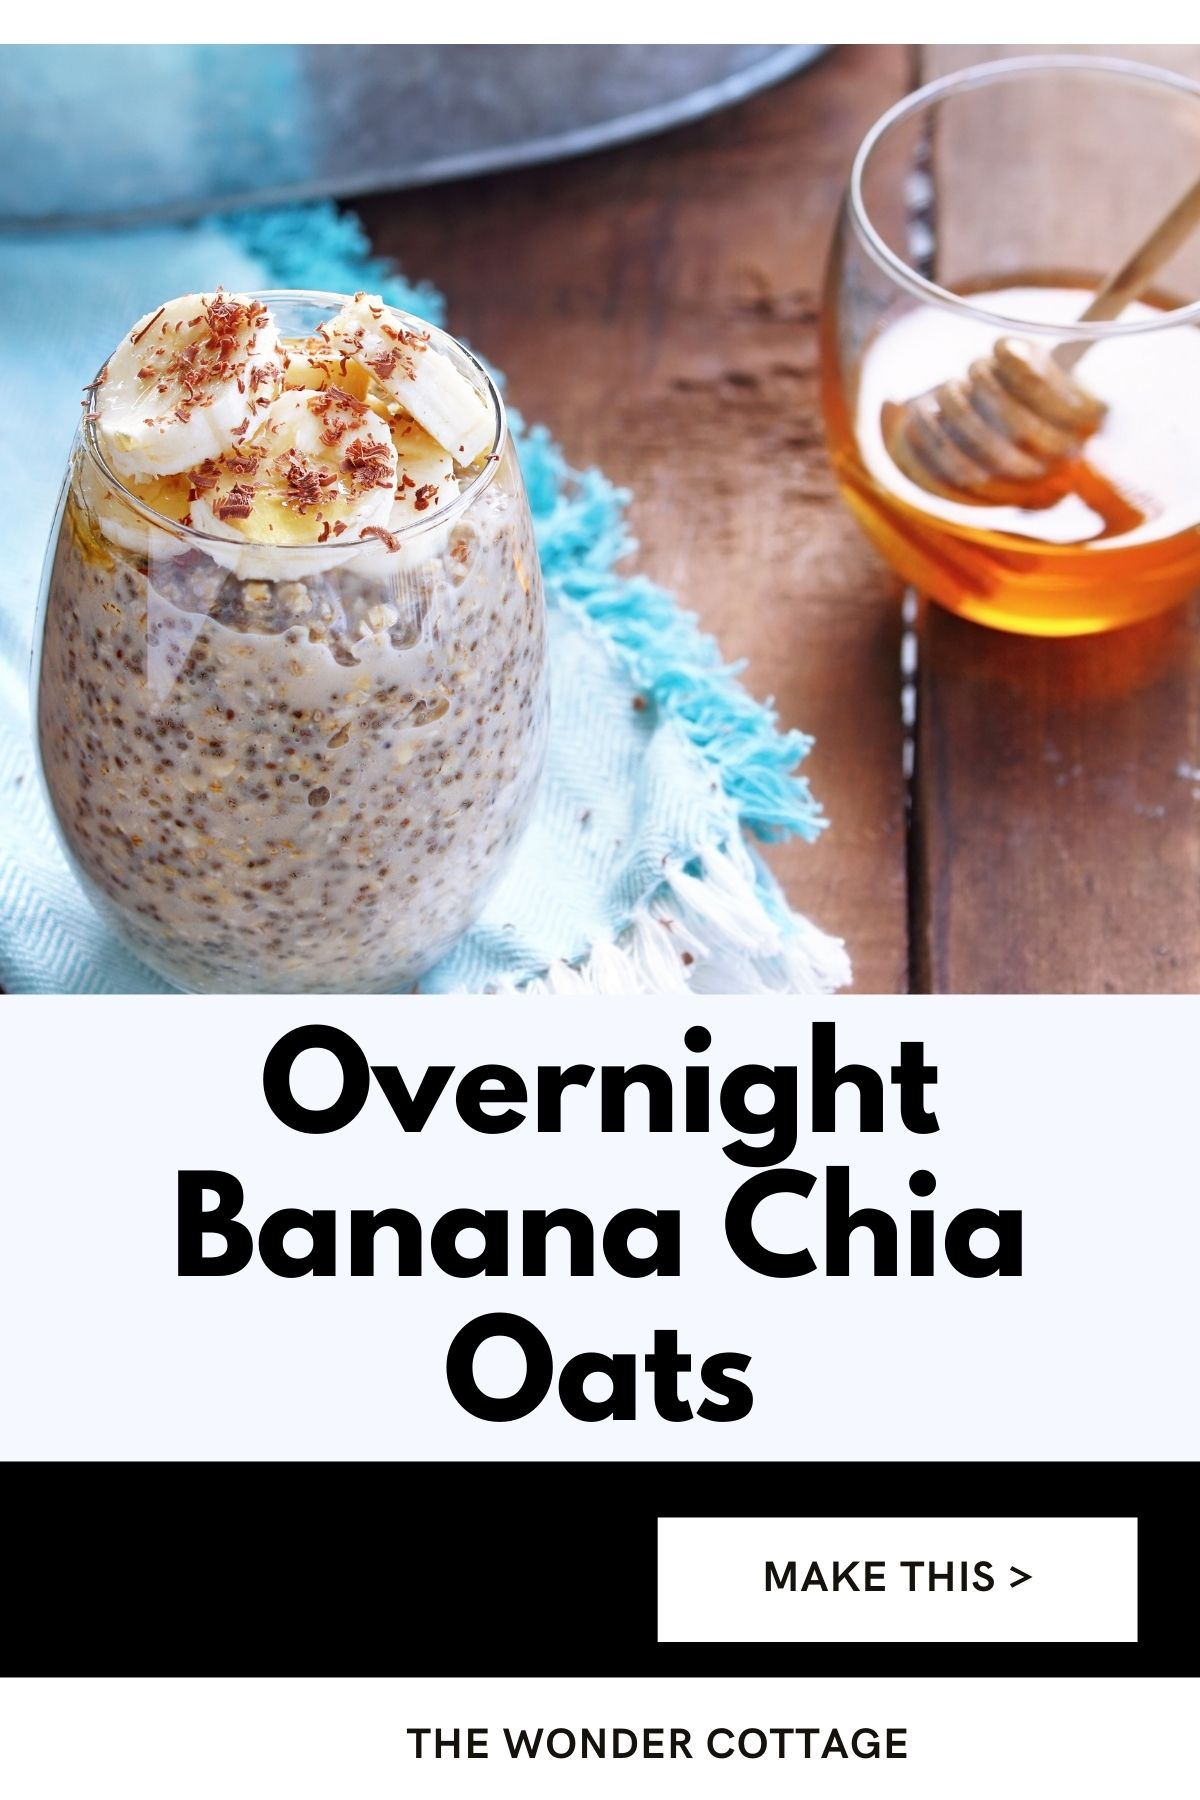 overnight banana chia oats